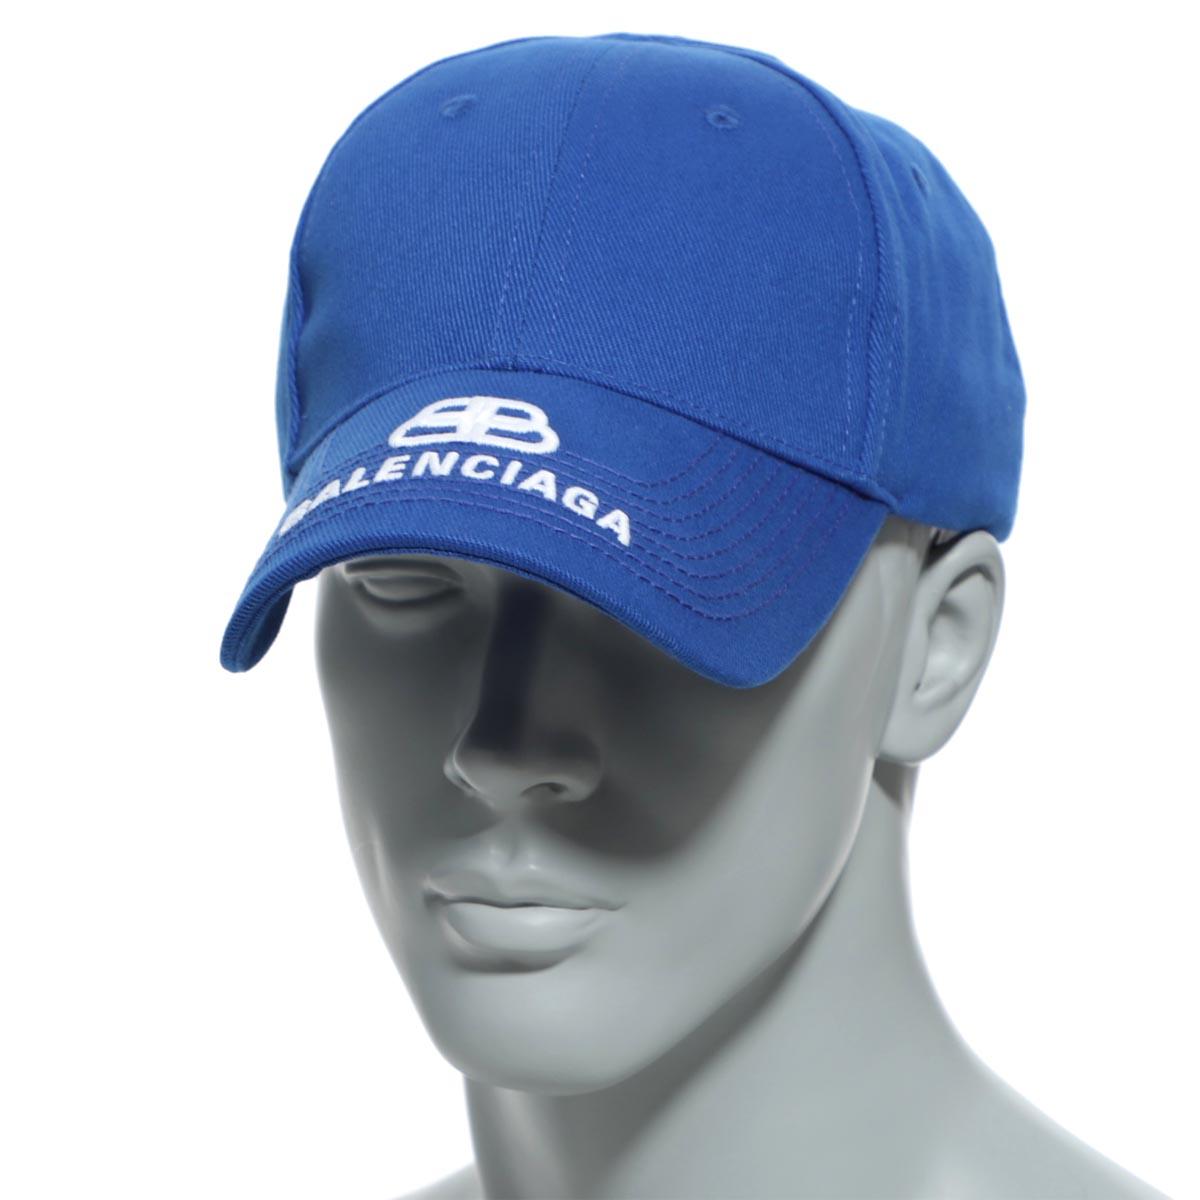 独特な バレンシアガ BALENCIAGA ベースボールキャップ 帽子 ブルー メンズ 577548 410b2 4277 HAT BB VISOR CAP【返品送料無料】【ラッピング無料】, みつあみ 7a6b675c